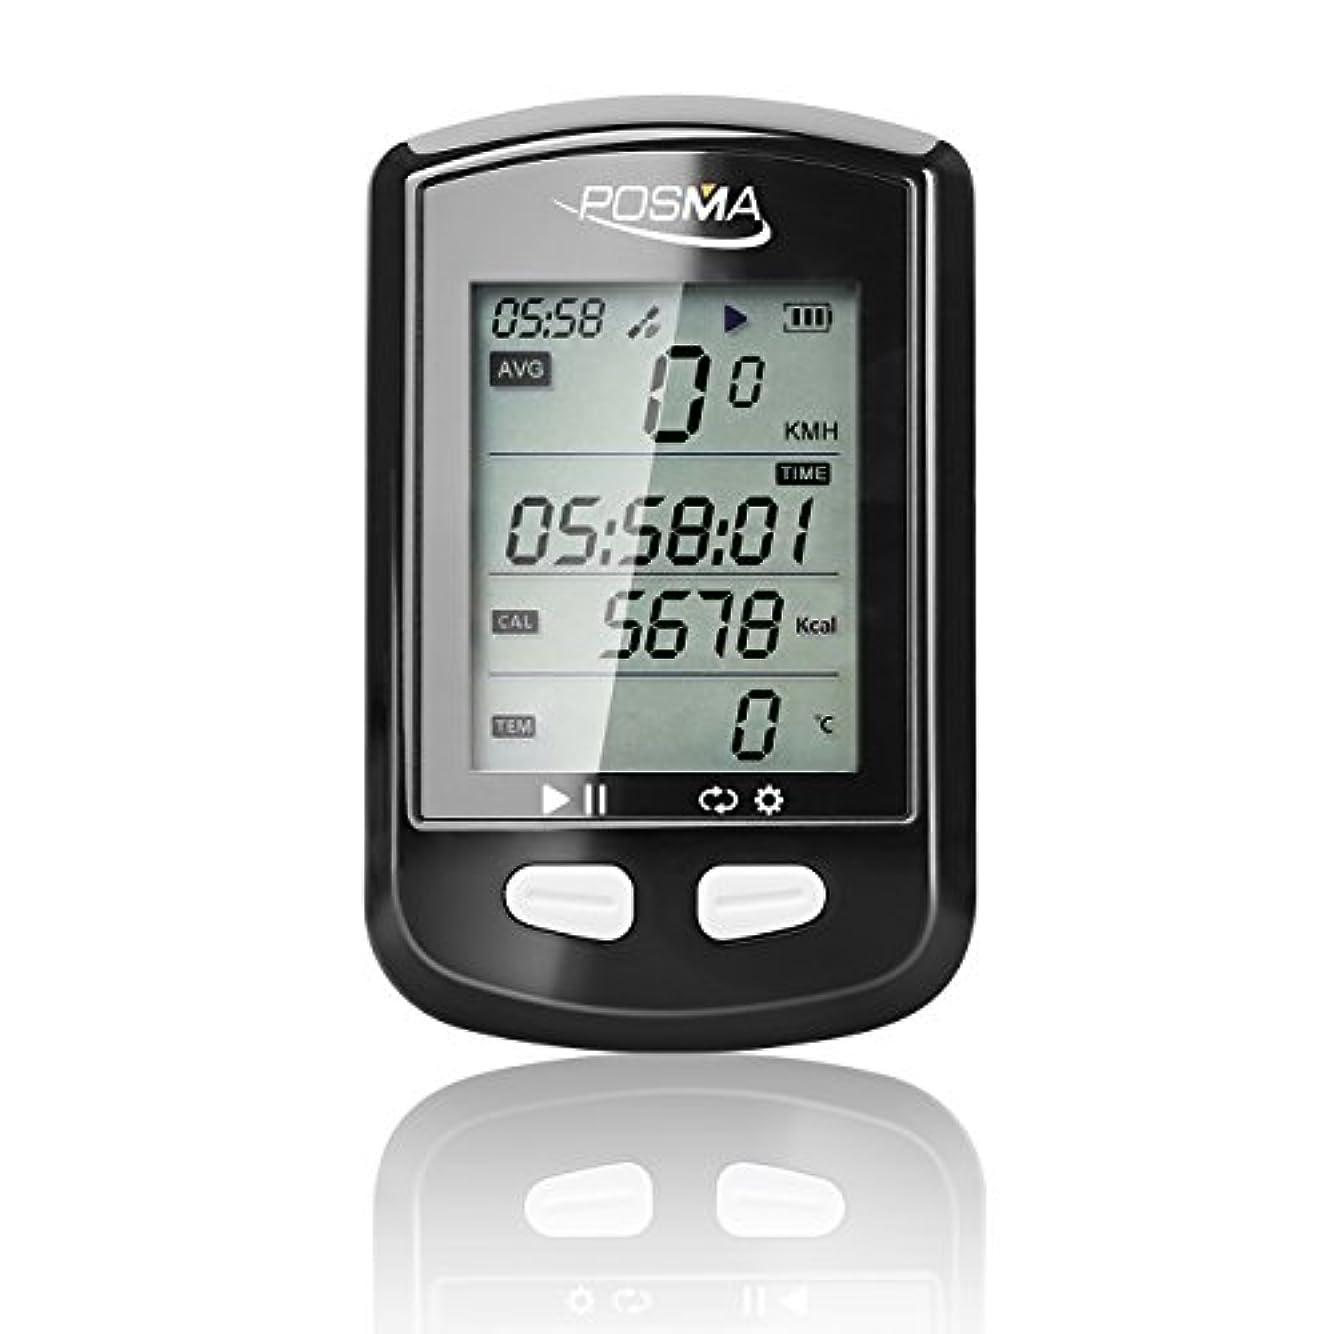 キャロラインむしゃむしゃ初期POSMA DB2 Bluetooth GPS サイクリング バイクコンピューター、速度計、オドメーター(積算距離計)、高度計、 カロリーメーター、温度計、ルートトラッキング機能、ANT+ がサポートするSTRAVAとMapMyRide、BLE4.0 スマートフォン接続、iPhonとアンドロイドアプリ (オプションでBHR20 心拍計およびBCB20スピード/ケイデンスセンサー組み合わせ選択可能)